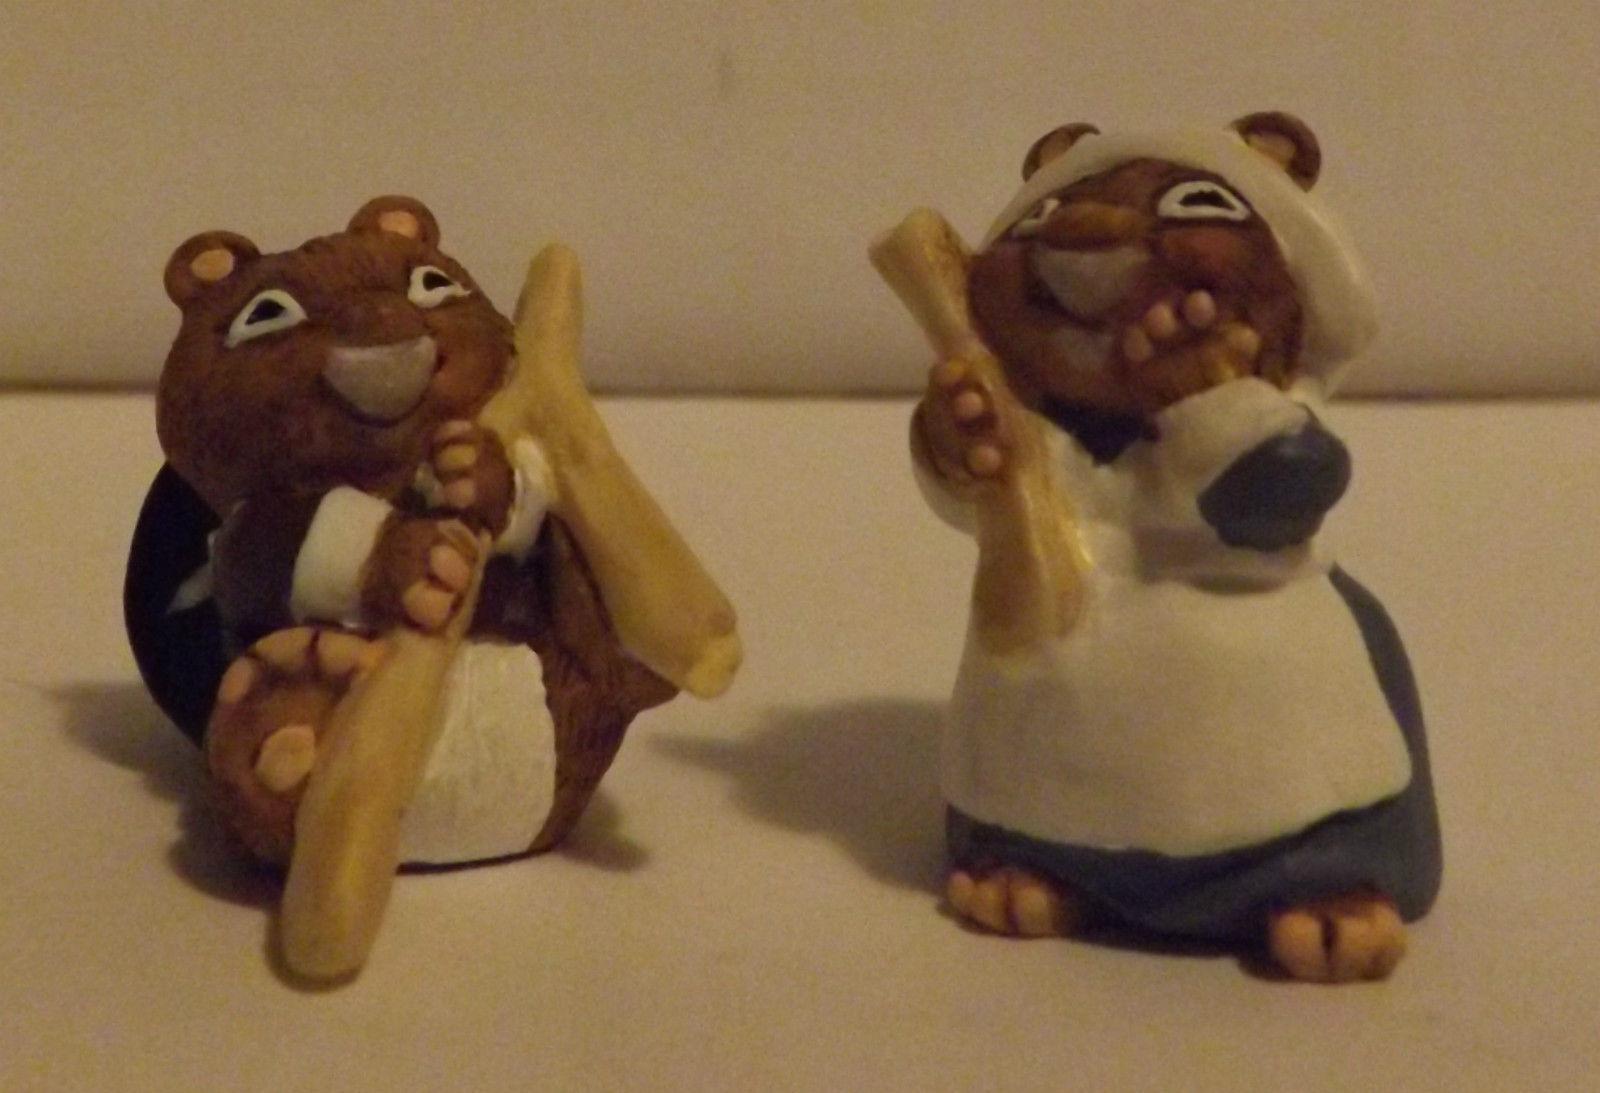 Hallmark Merry Miniatures Making A Wish 2-Piece Set 1997